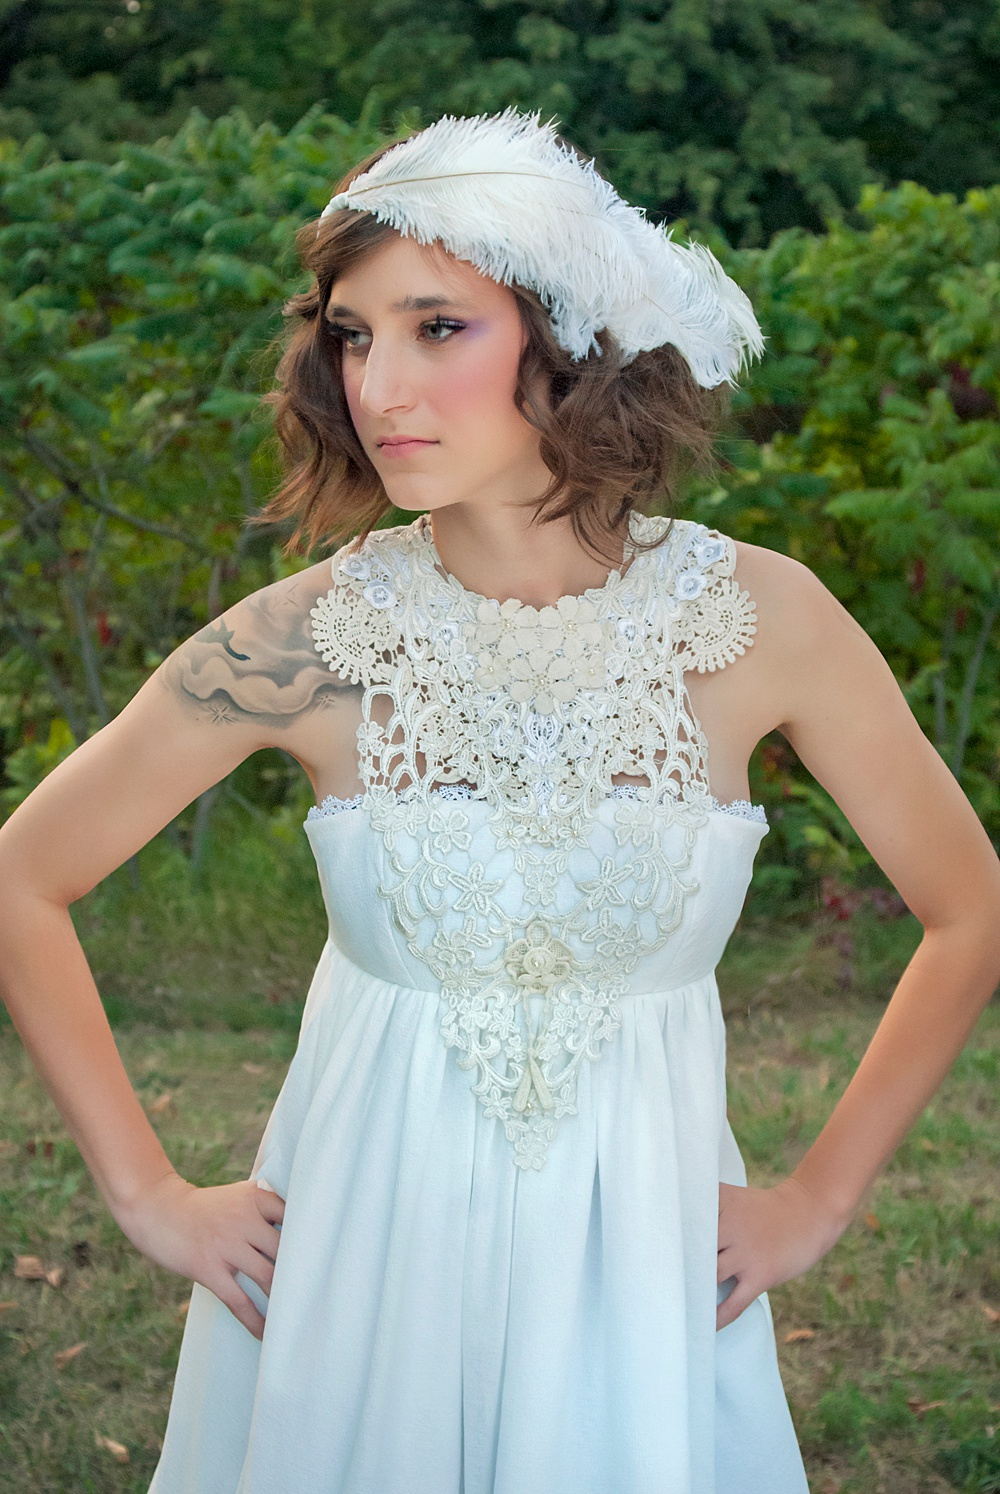 fashion_0037.jpg